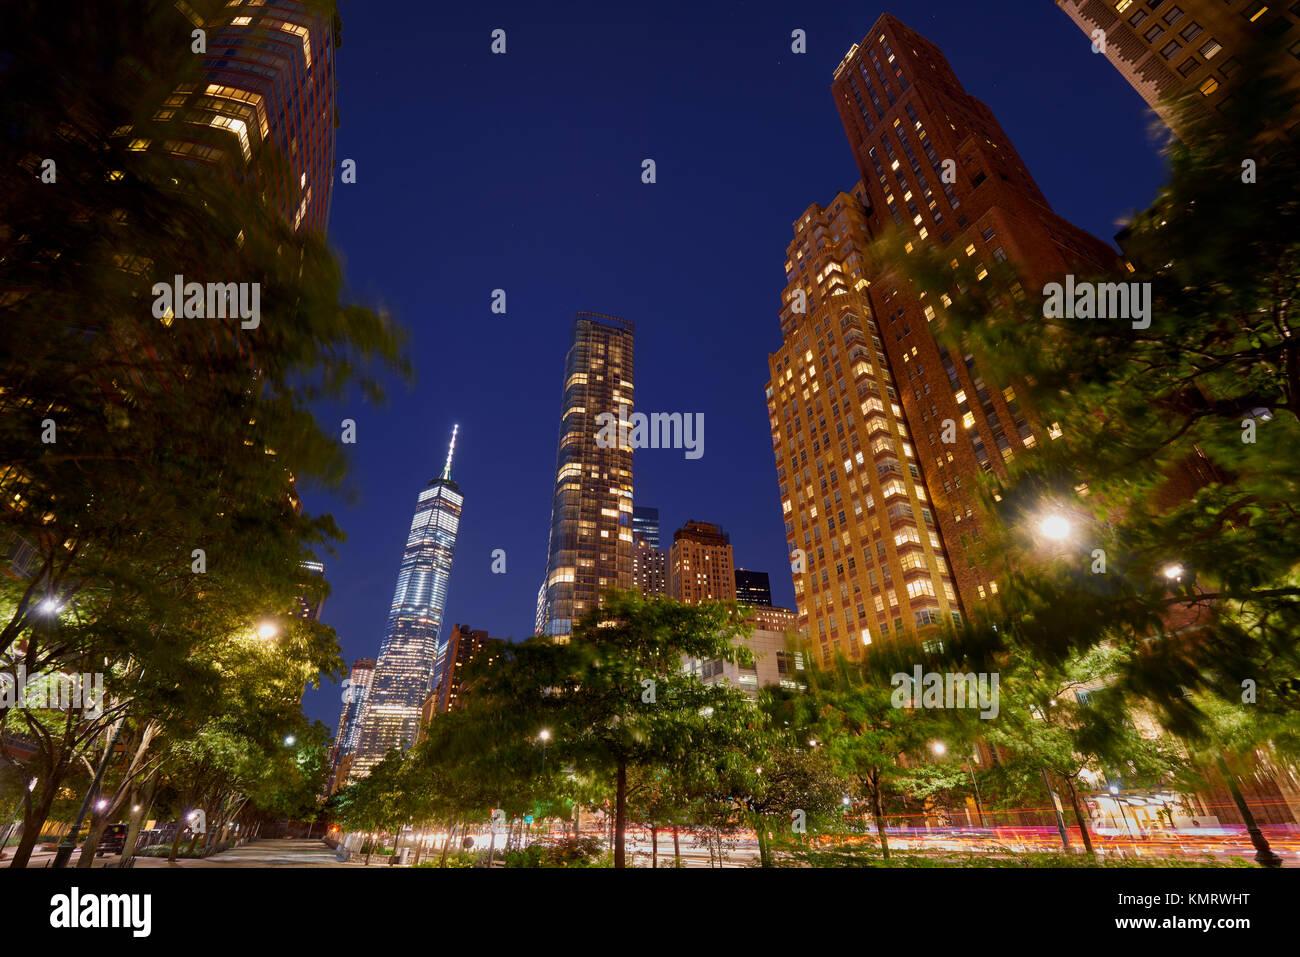 West Street in Lower Manhattan mit seinen skyscrapeers (50 West Street und das One World Trade Center) in der Dämmerung. Stockbild